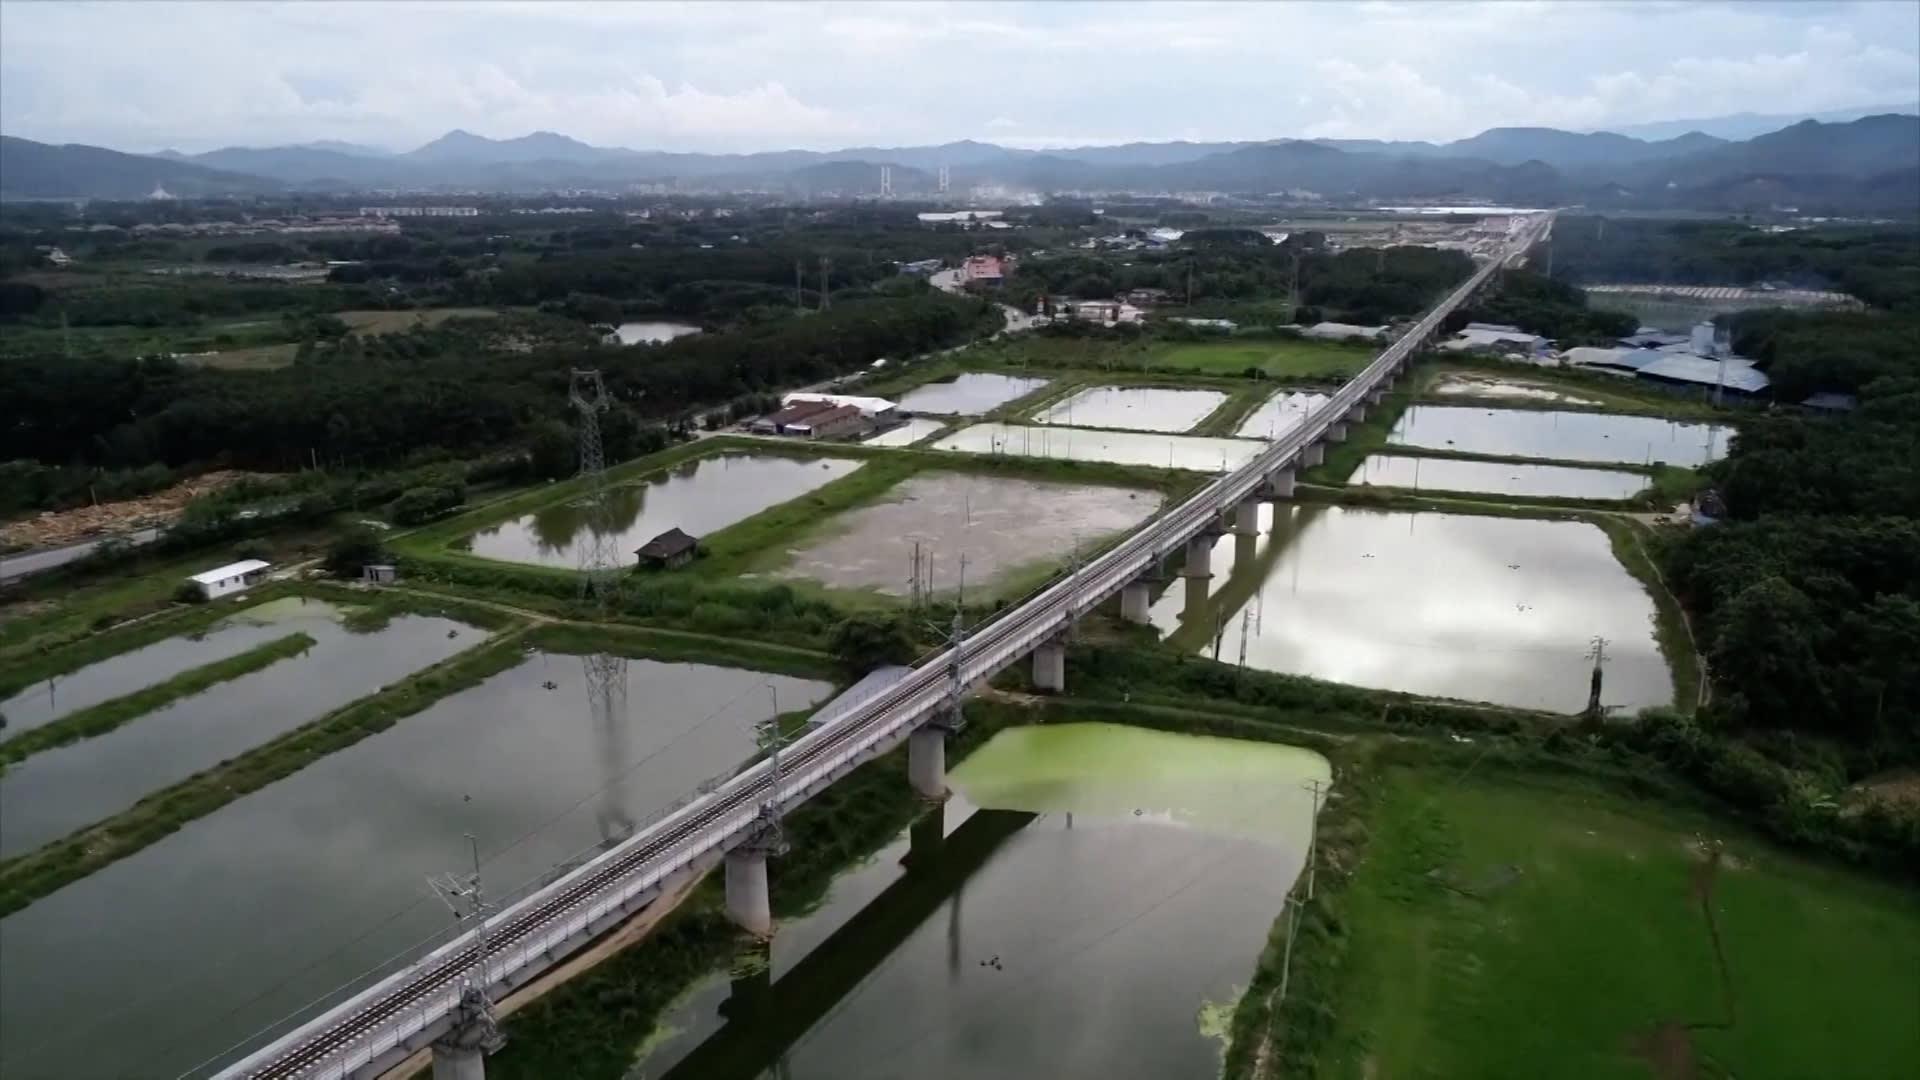 بطول 1000 كيلومتر.. سكة حديد جديدة تربط بين الصين ولاوس نهاية عام 2021